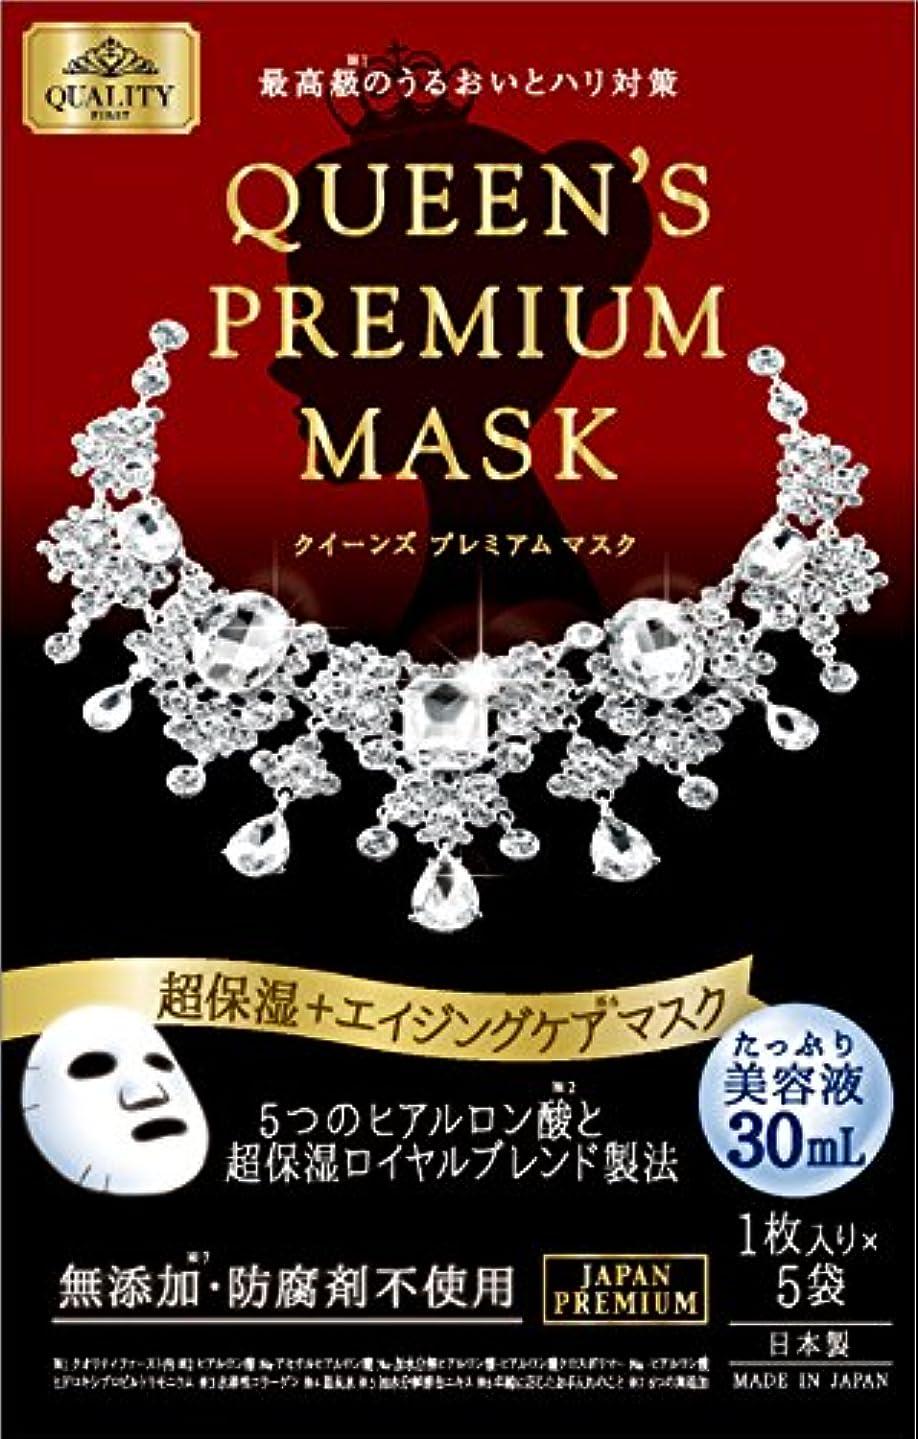 忌避剤ナビゲーションアイドルクイーンズプレミアムマスク 超保湿マスク 5枚入